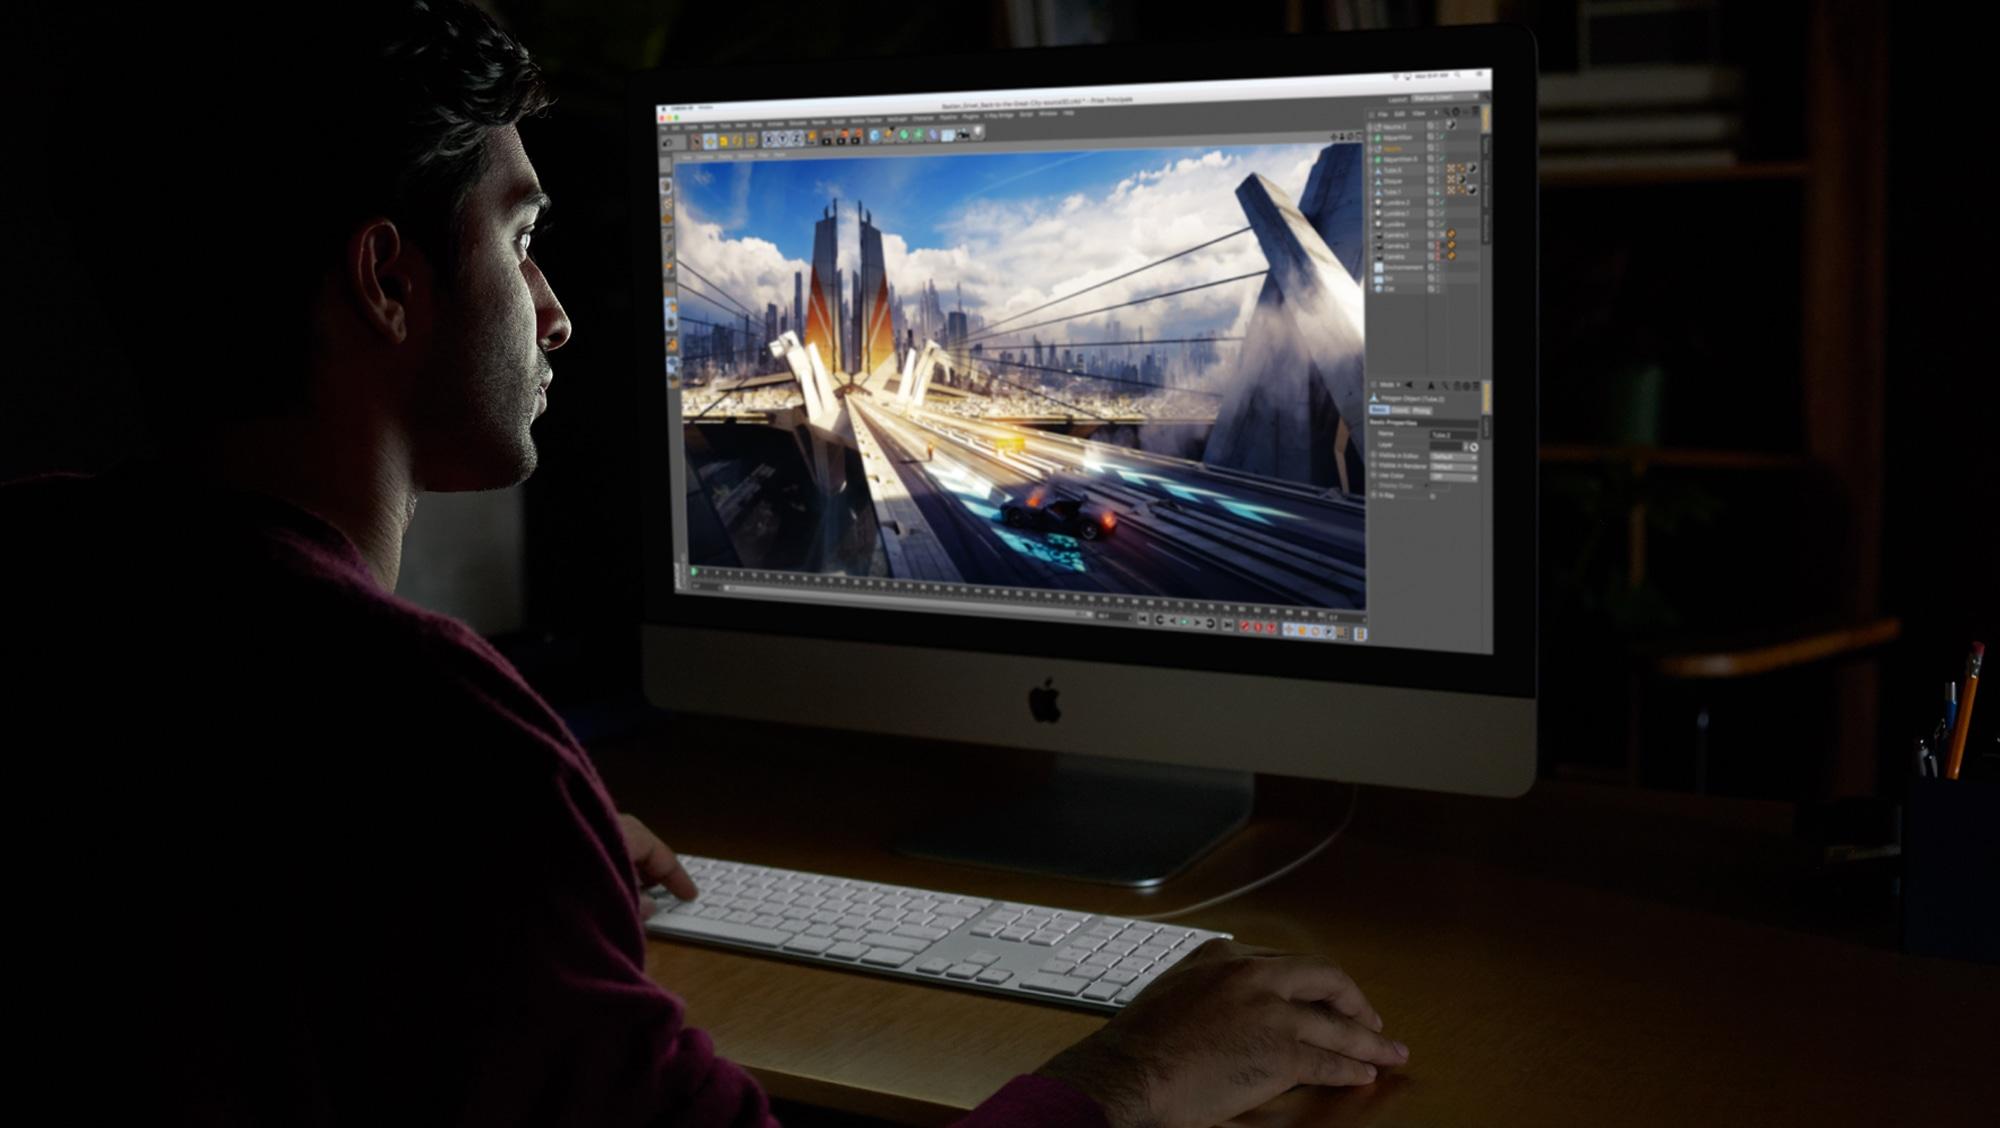 iMac Pro sendo usado no escuro